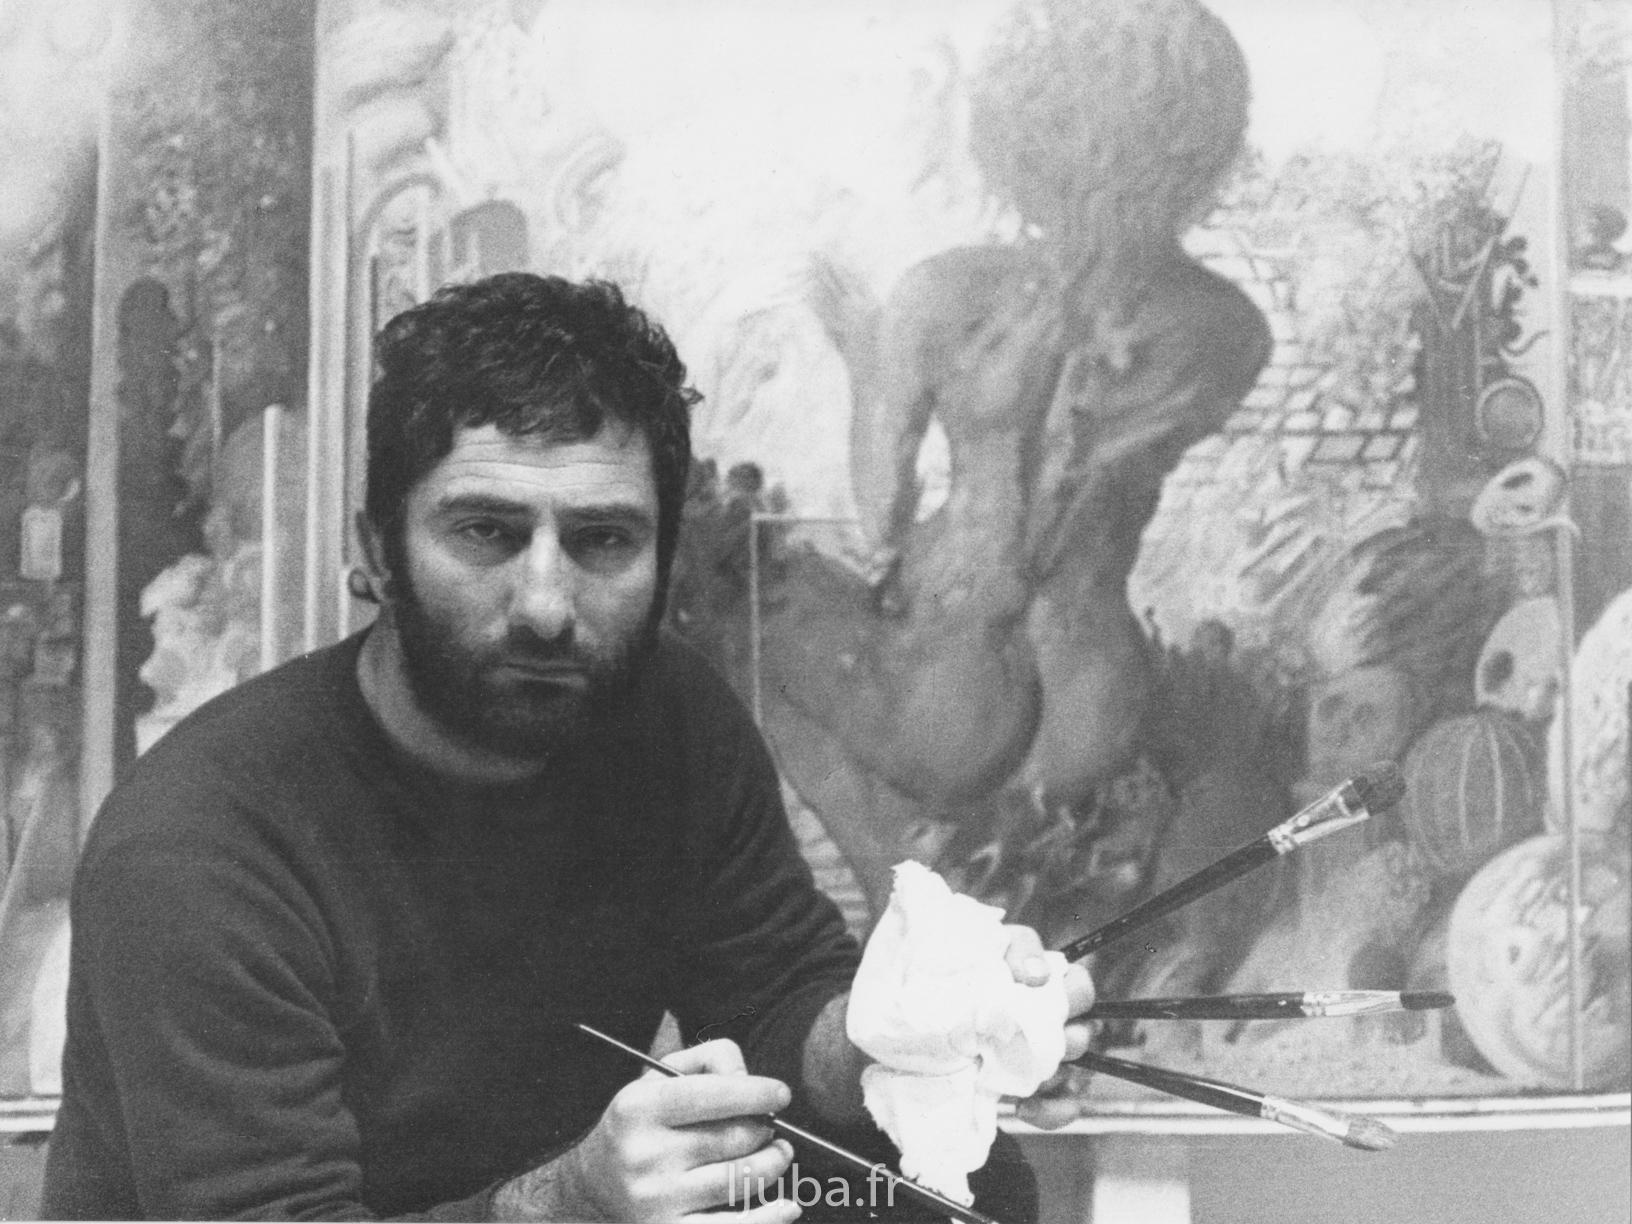 32. 1973., Ljuba u toku rada na slici Molitva ili ključ univerzuma_